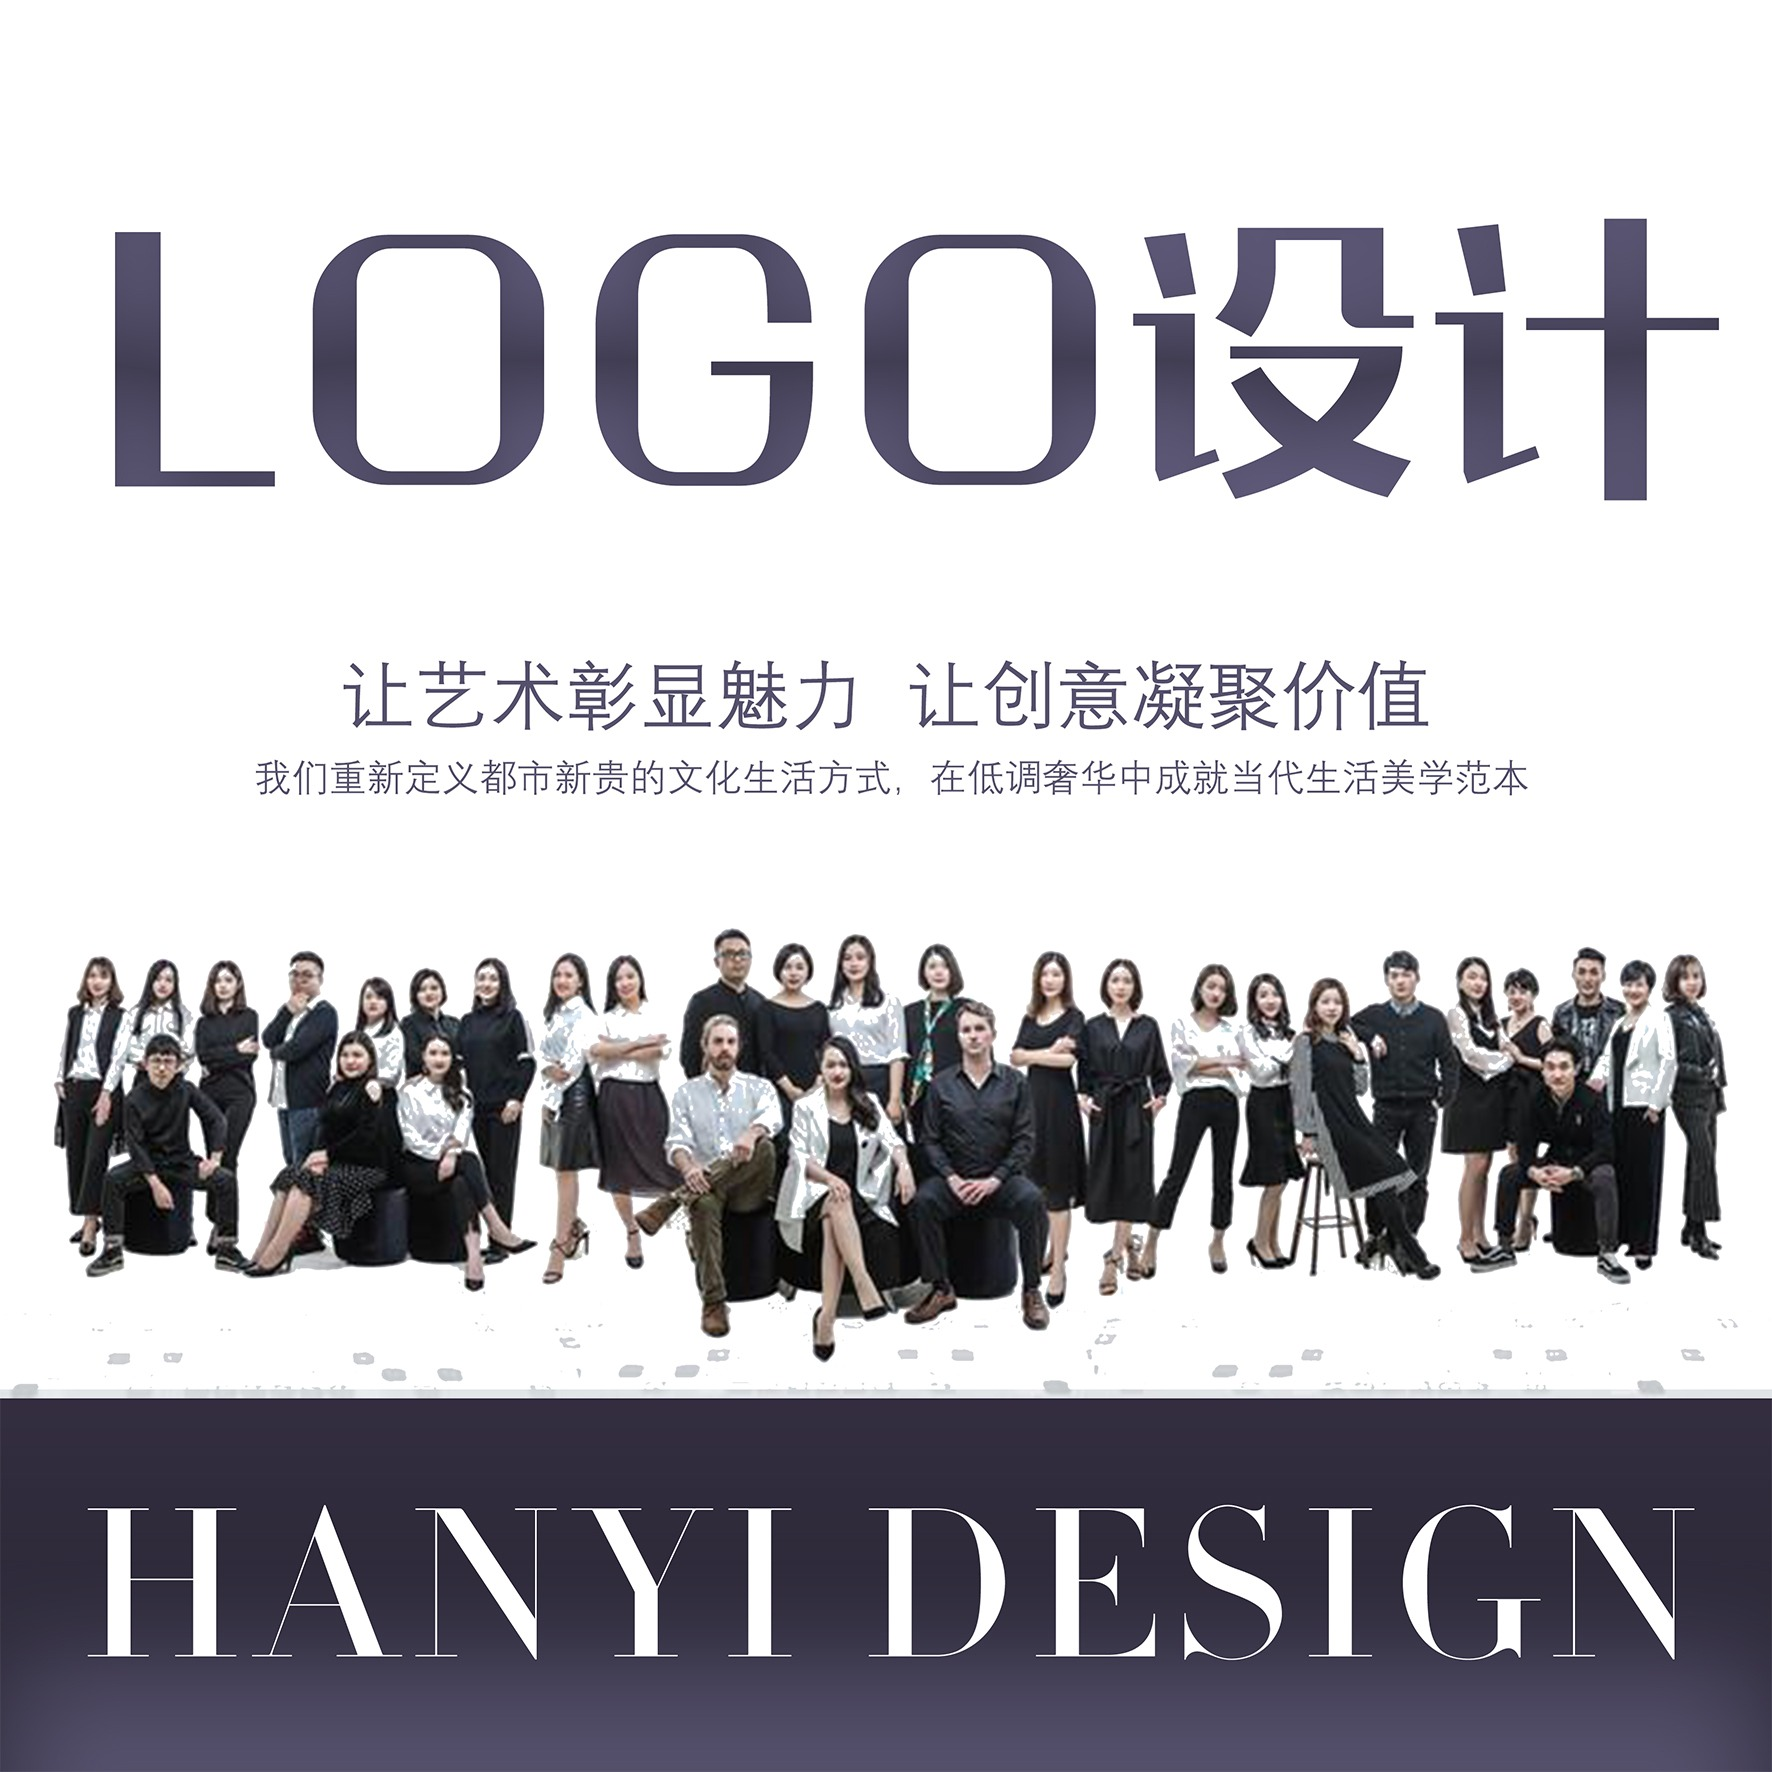 企业公司品牌诊断升级商标logo设计高端画册海报插画包装设计